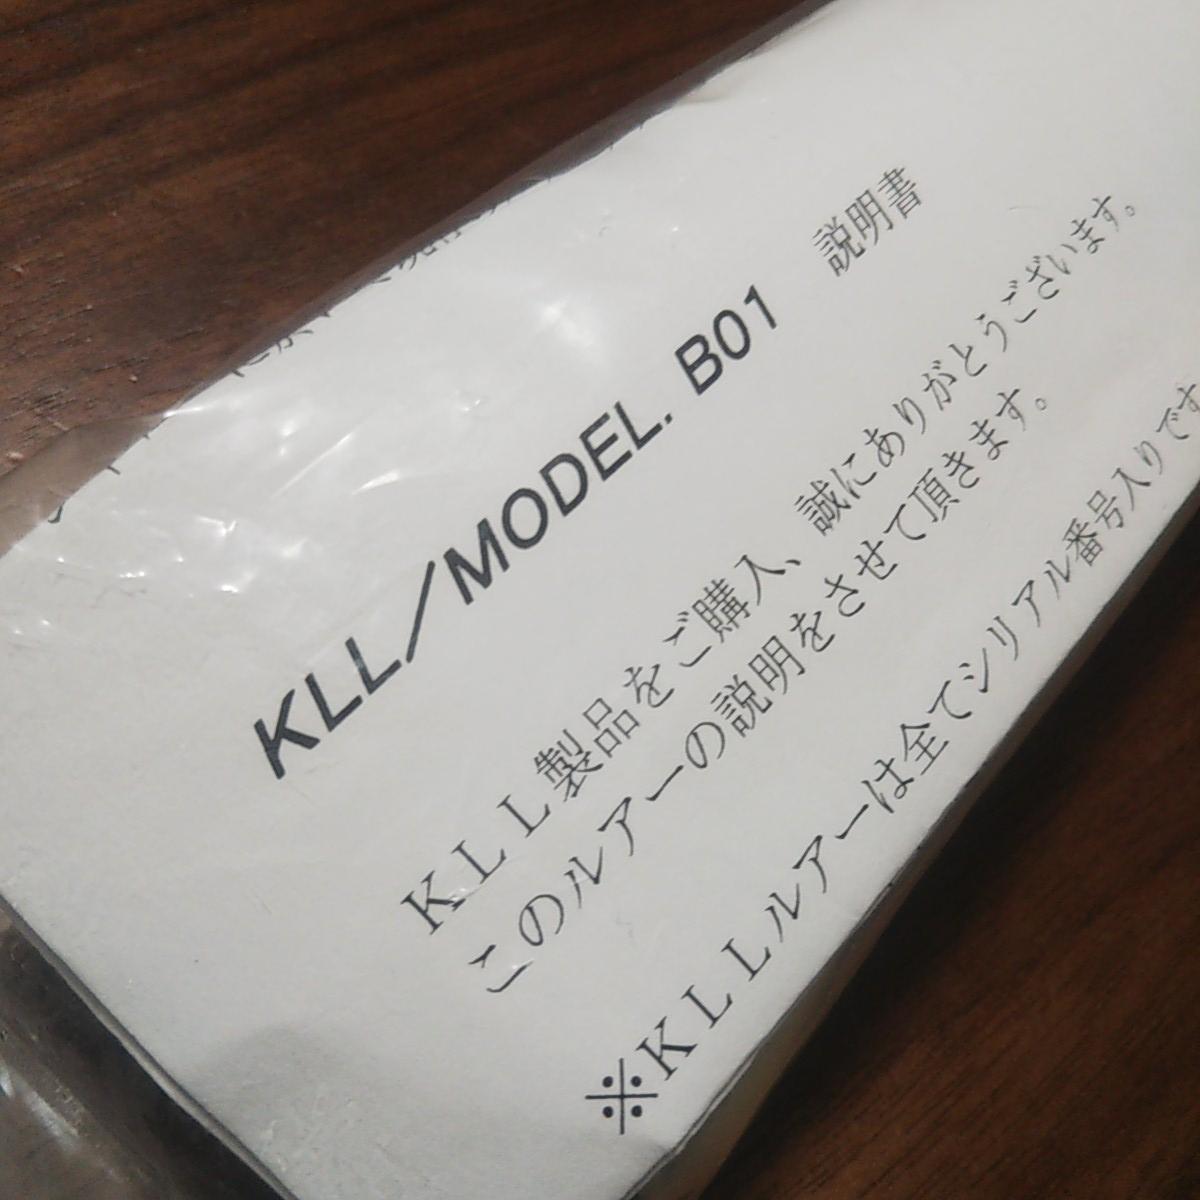 カーペンター KLL MODEL B01 検索 カーペンター 舞姫 ブルーフィッシュ ネイティブ ローカル クマノミ シーフロッグ ガンマ _画像1